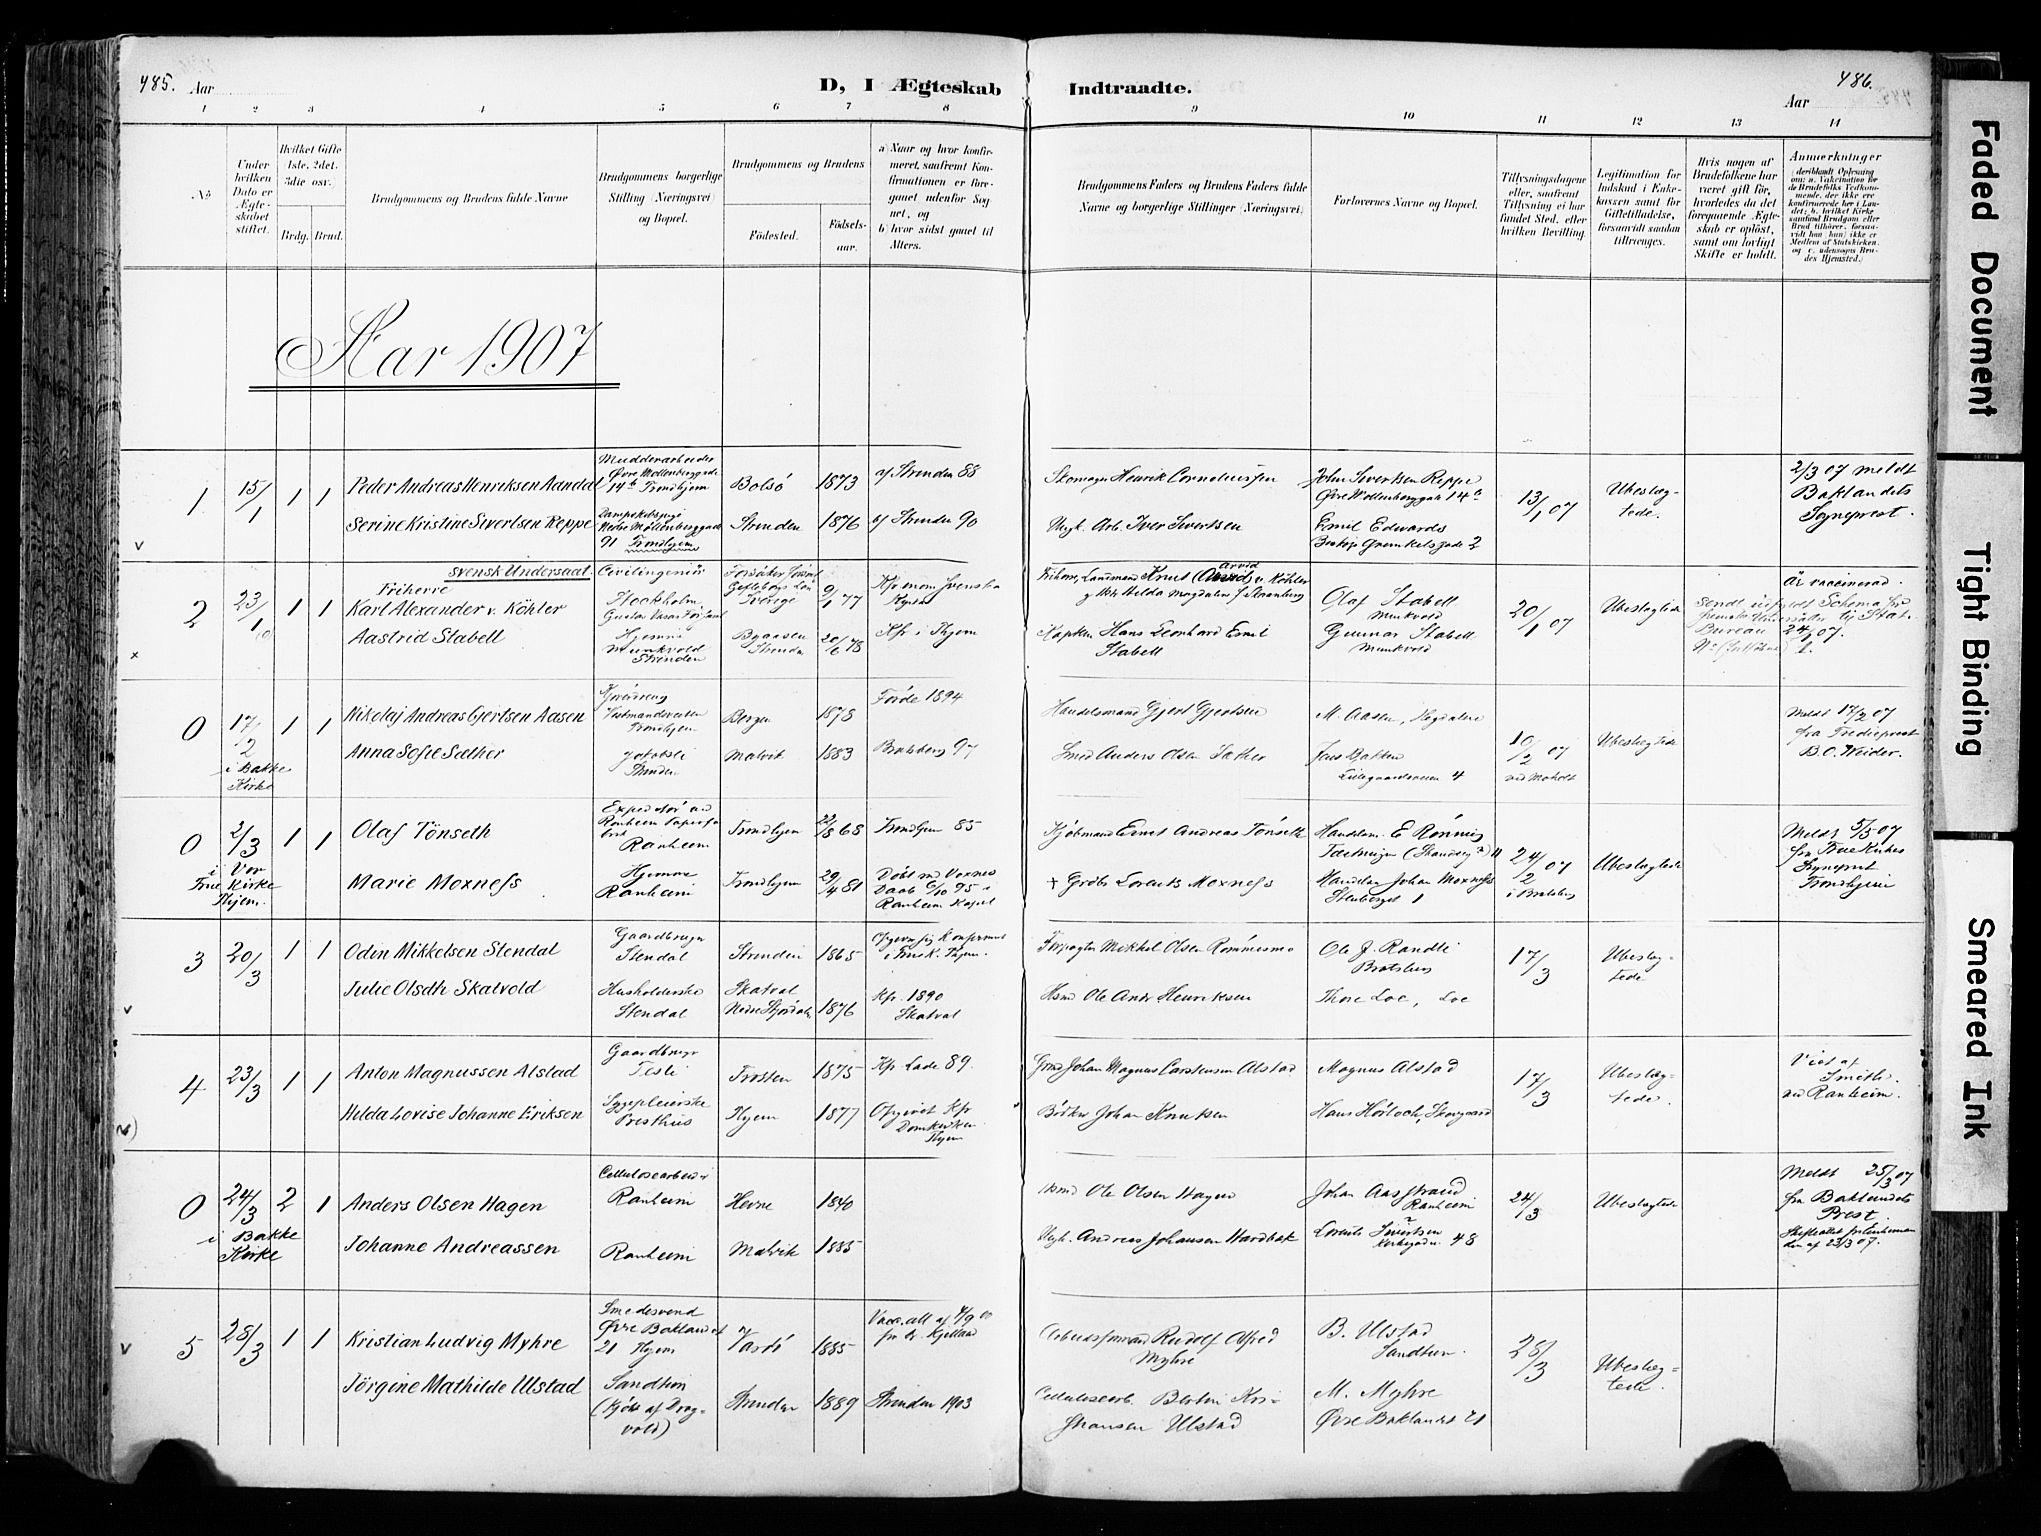 SAT, Ministerialprotokoller, klokkerbøker og fødselsregistre - Sør-Trøndelag, 606/L0301: Ministerialbok nr. 606A16, 1894-1907, s. 485-486